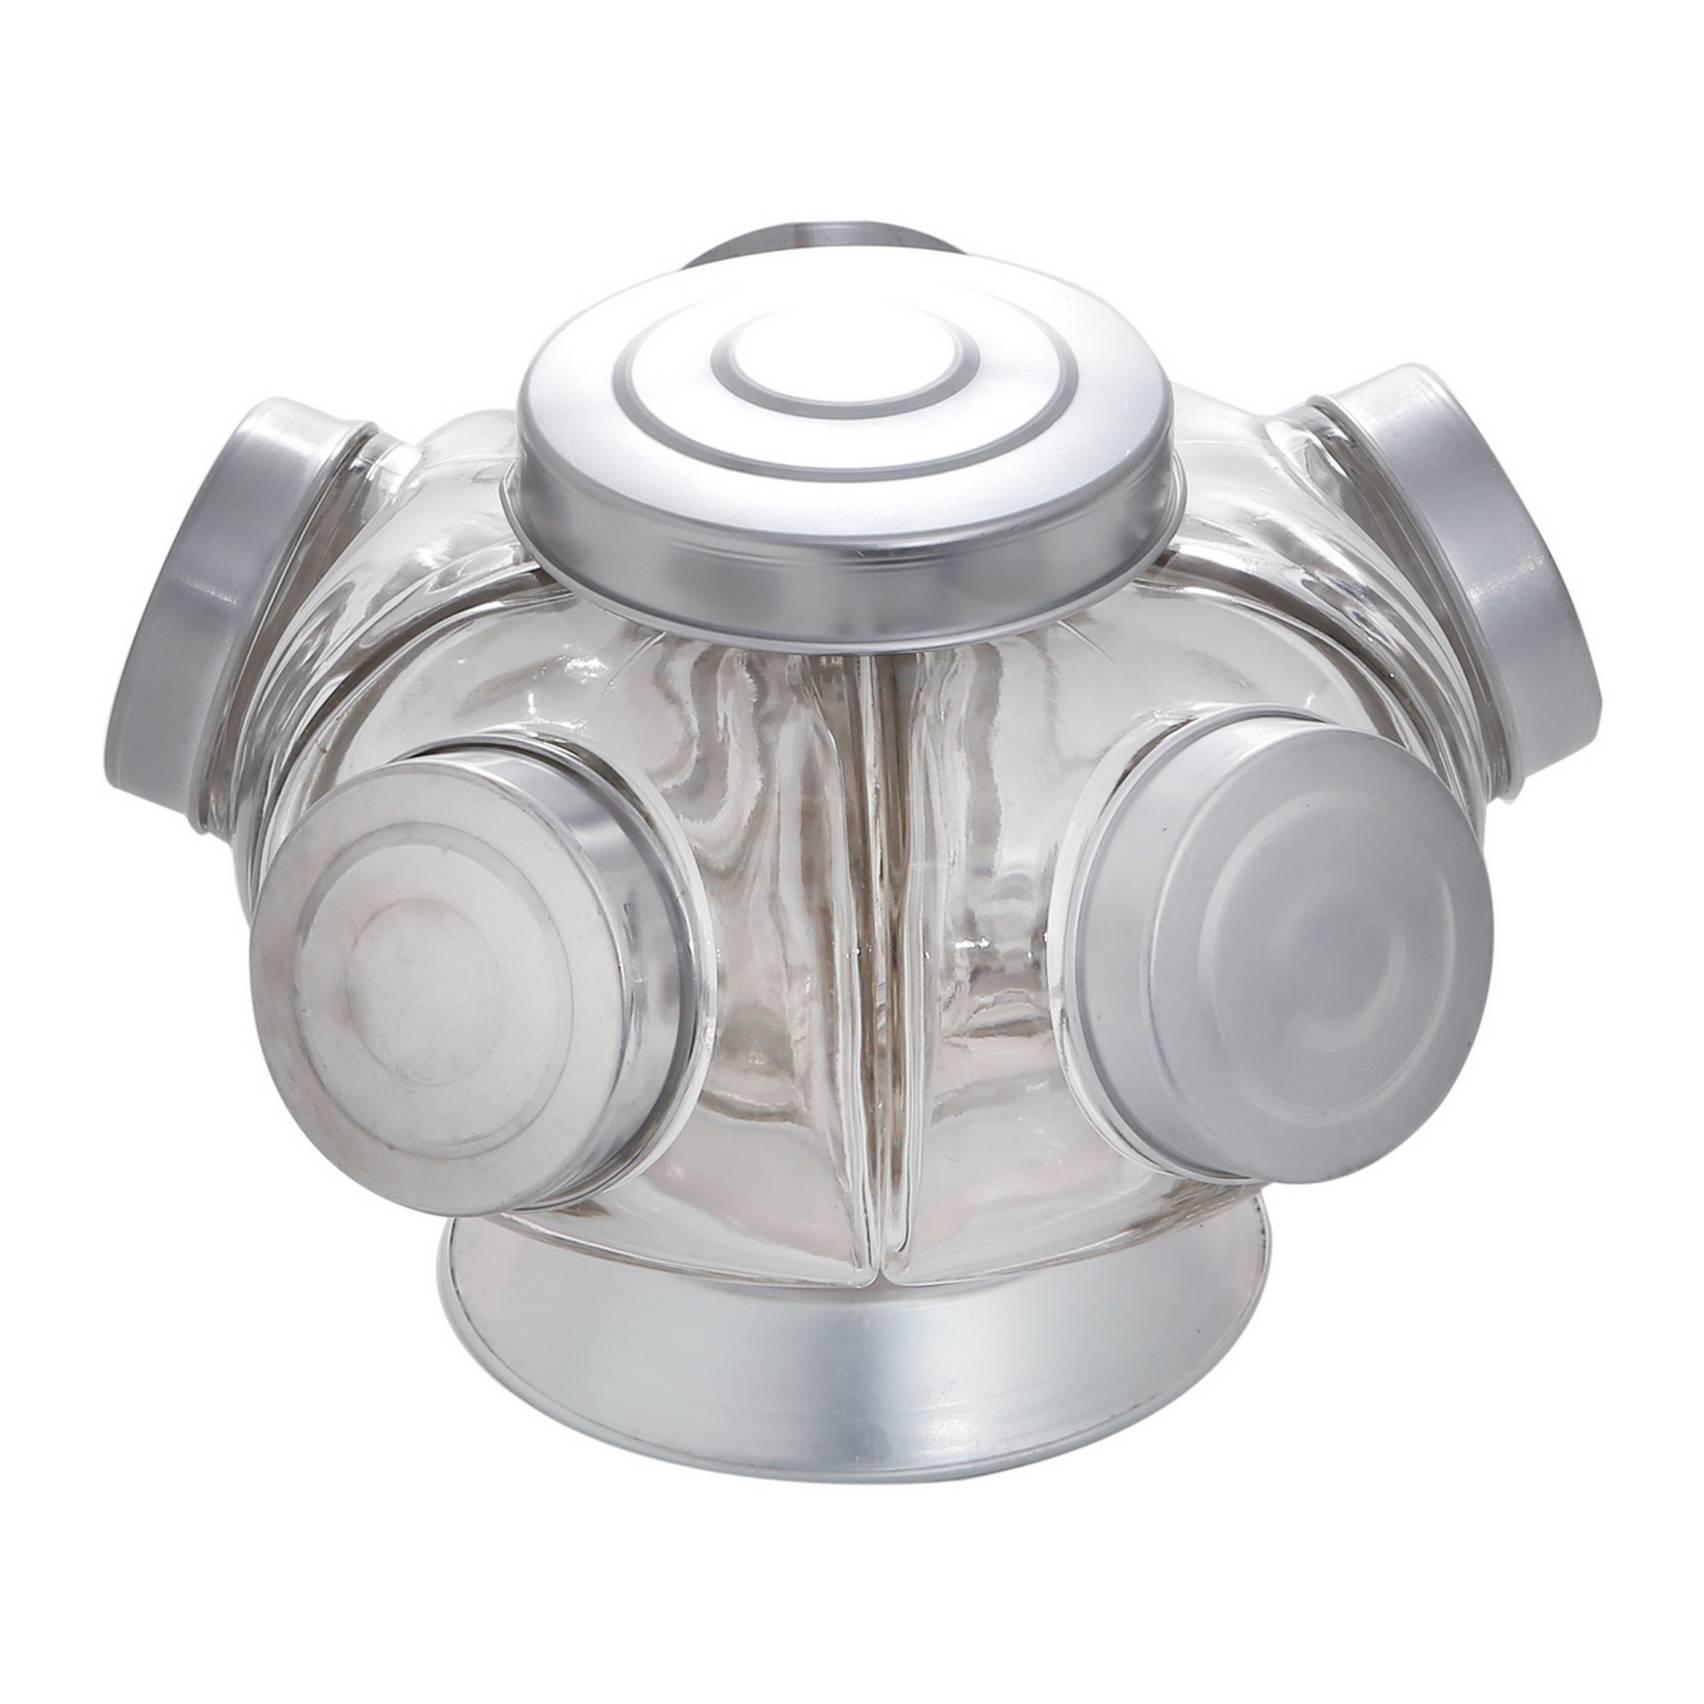 Baleiro De Vidro Com Base Giratória 22,5X15,5Cm - Rojemac